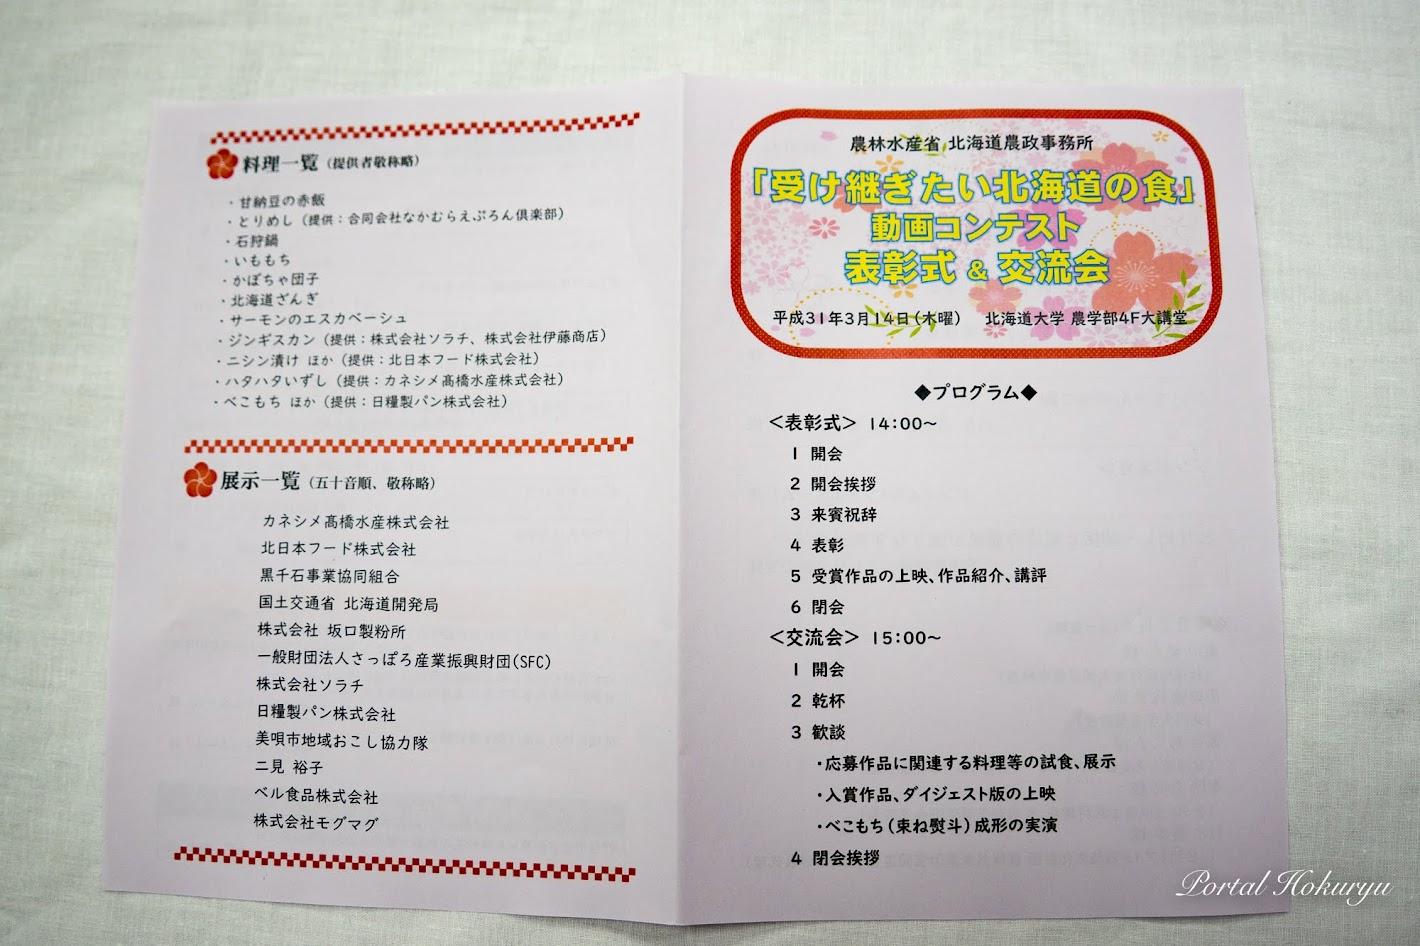 「受け継ぎたい北海道の食」動画コンテスト・表彰式&交流会プログラム